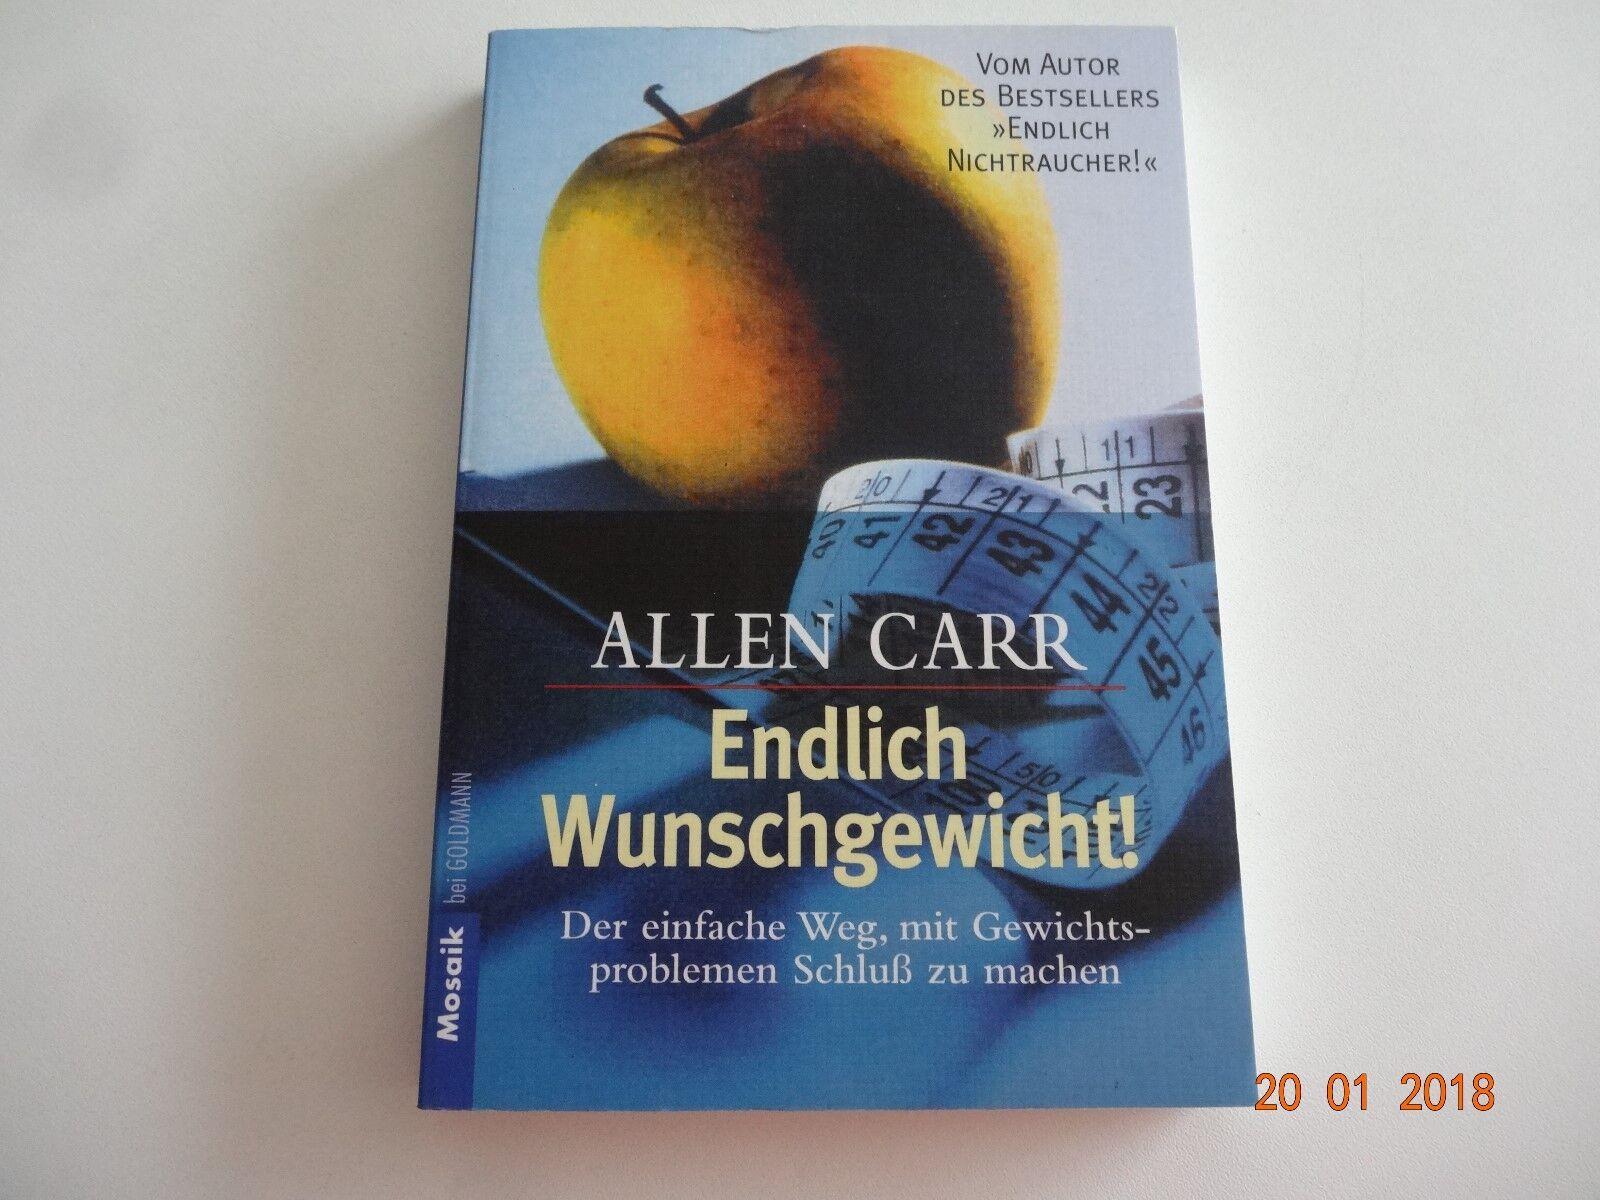 """Buch""""Endlich Wunschgewicht! """"von Allen Carr,abnehmen,Diät,lesen,Ernährung,Bücher"""